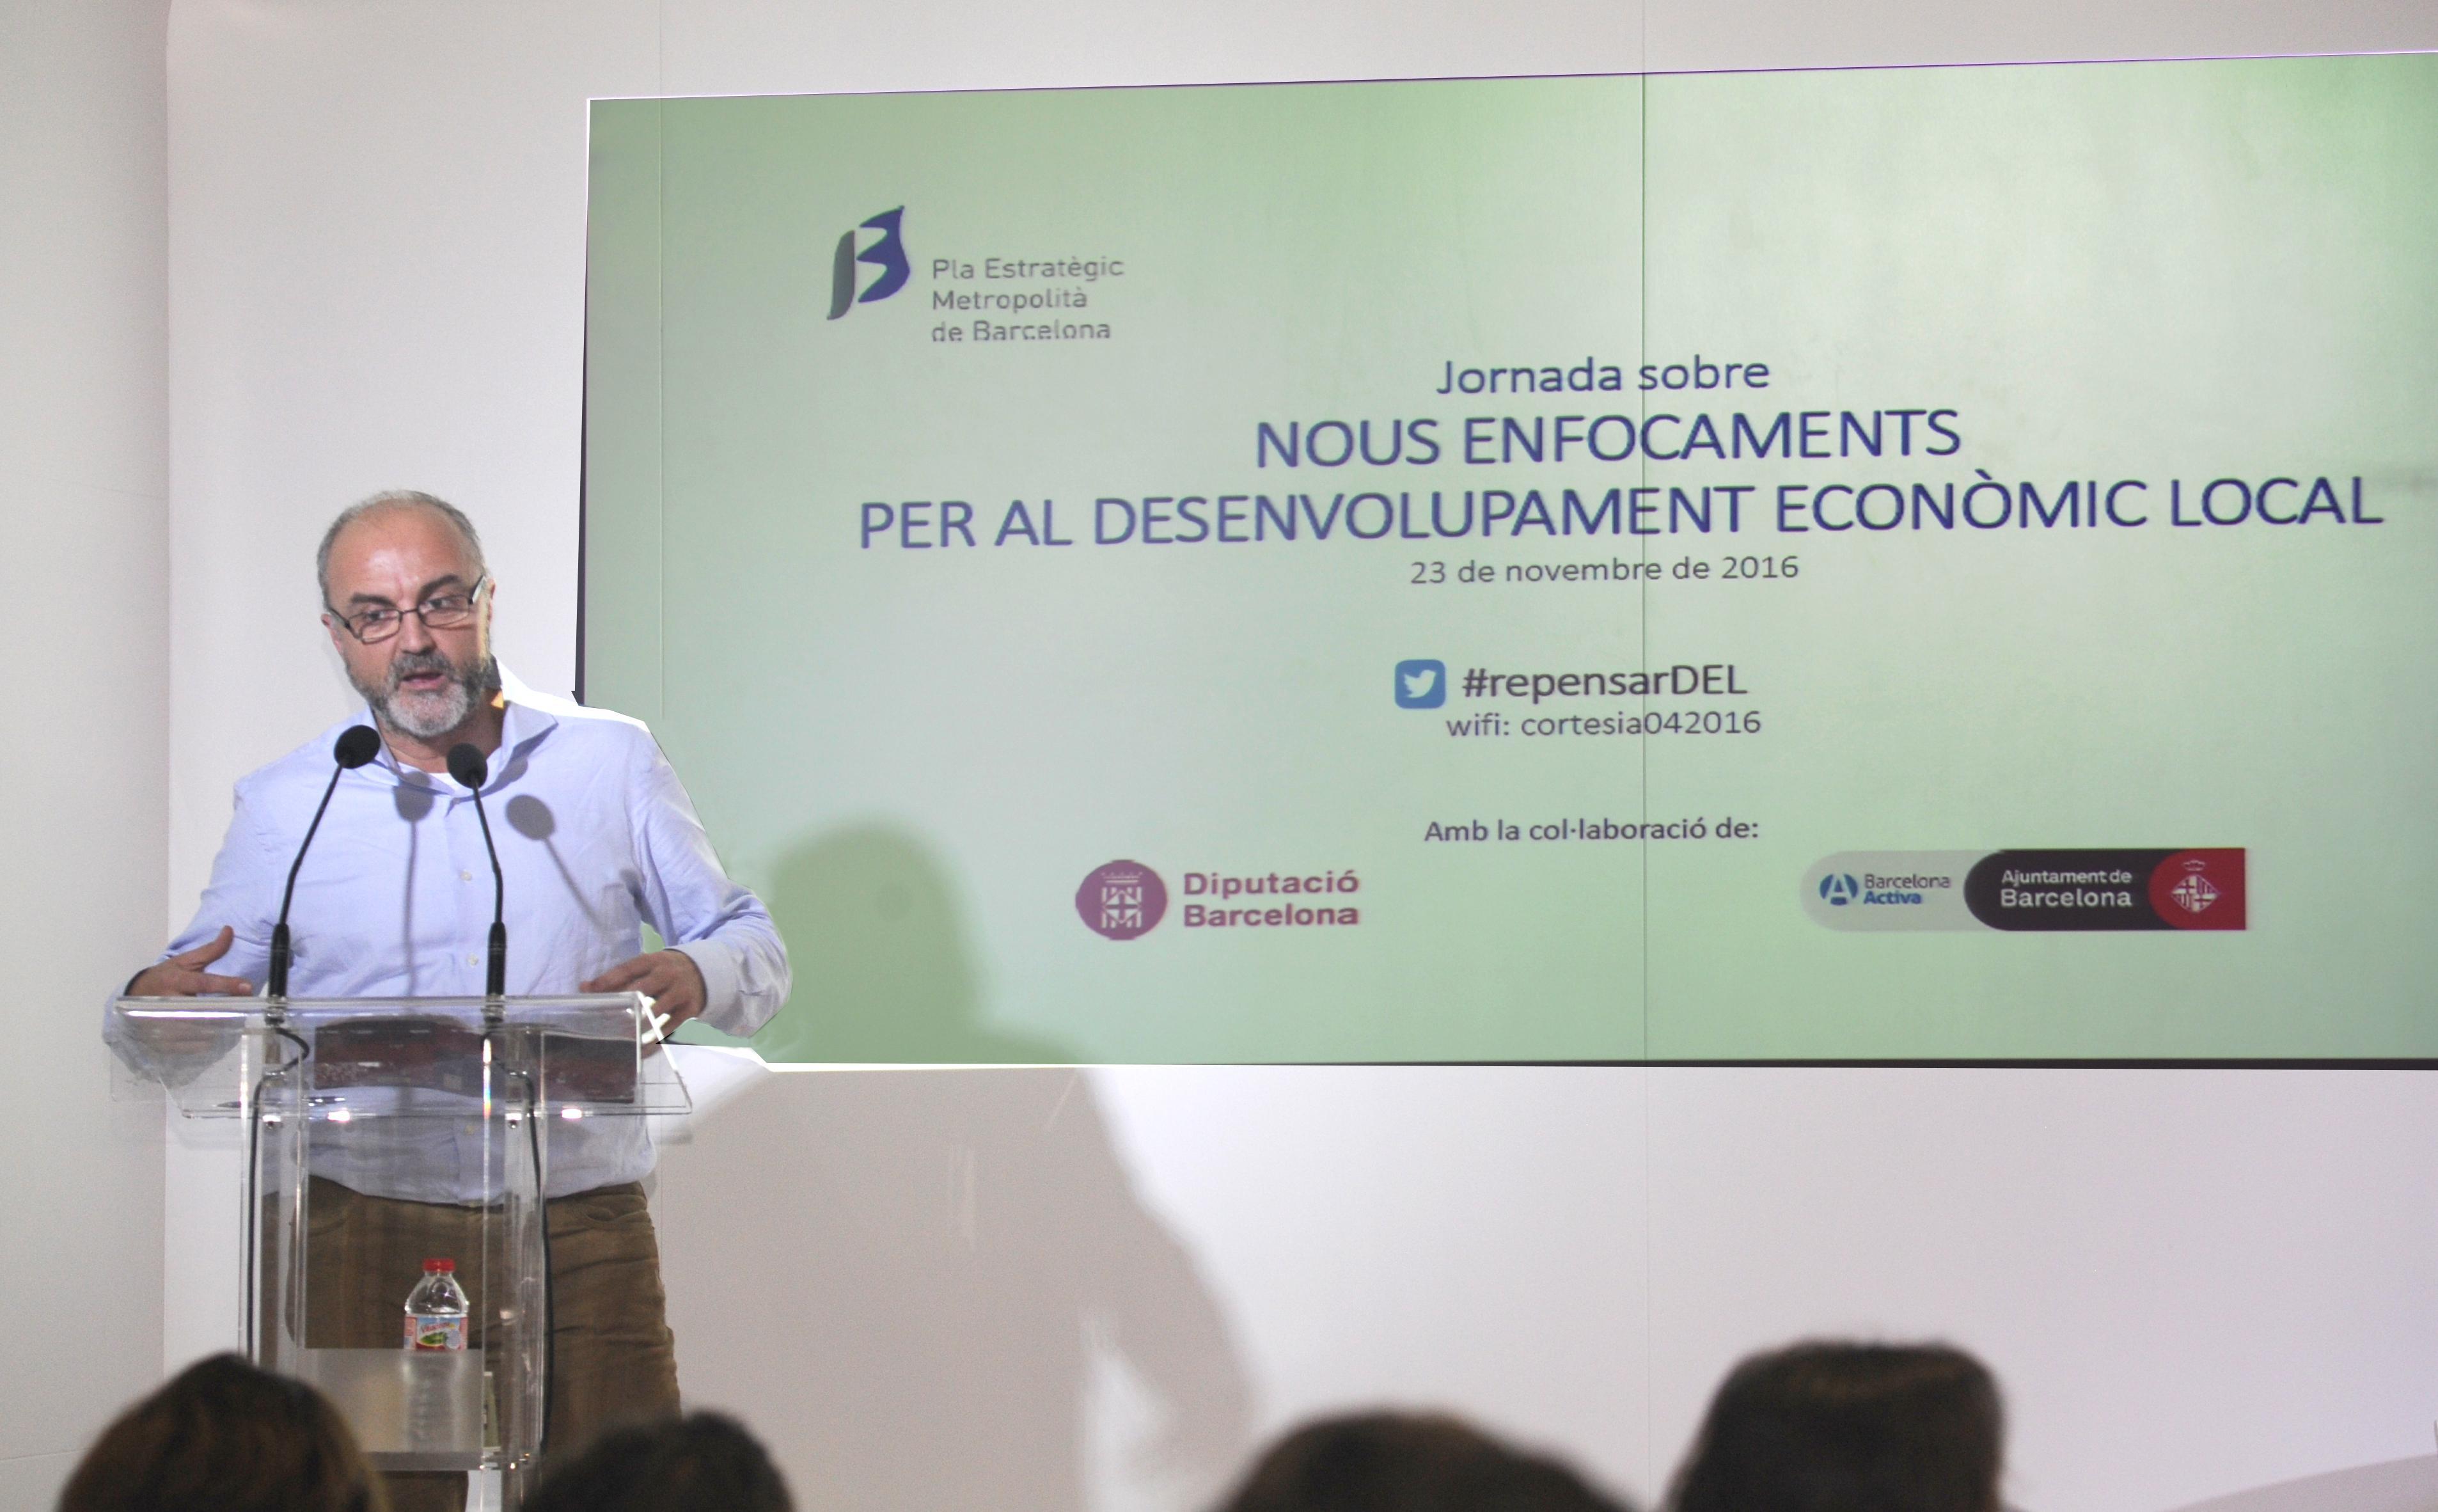 Coordinador general del PEMB, Oriol Estela